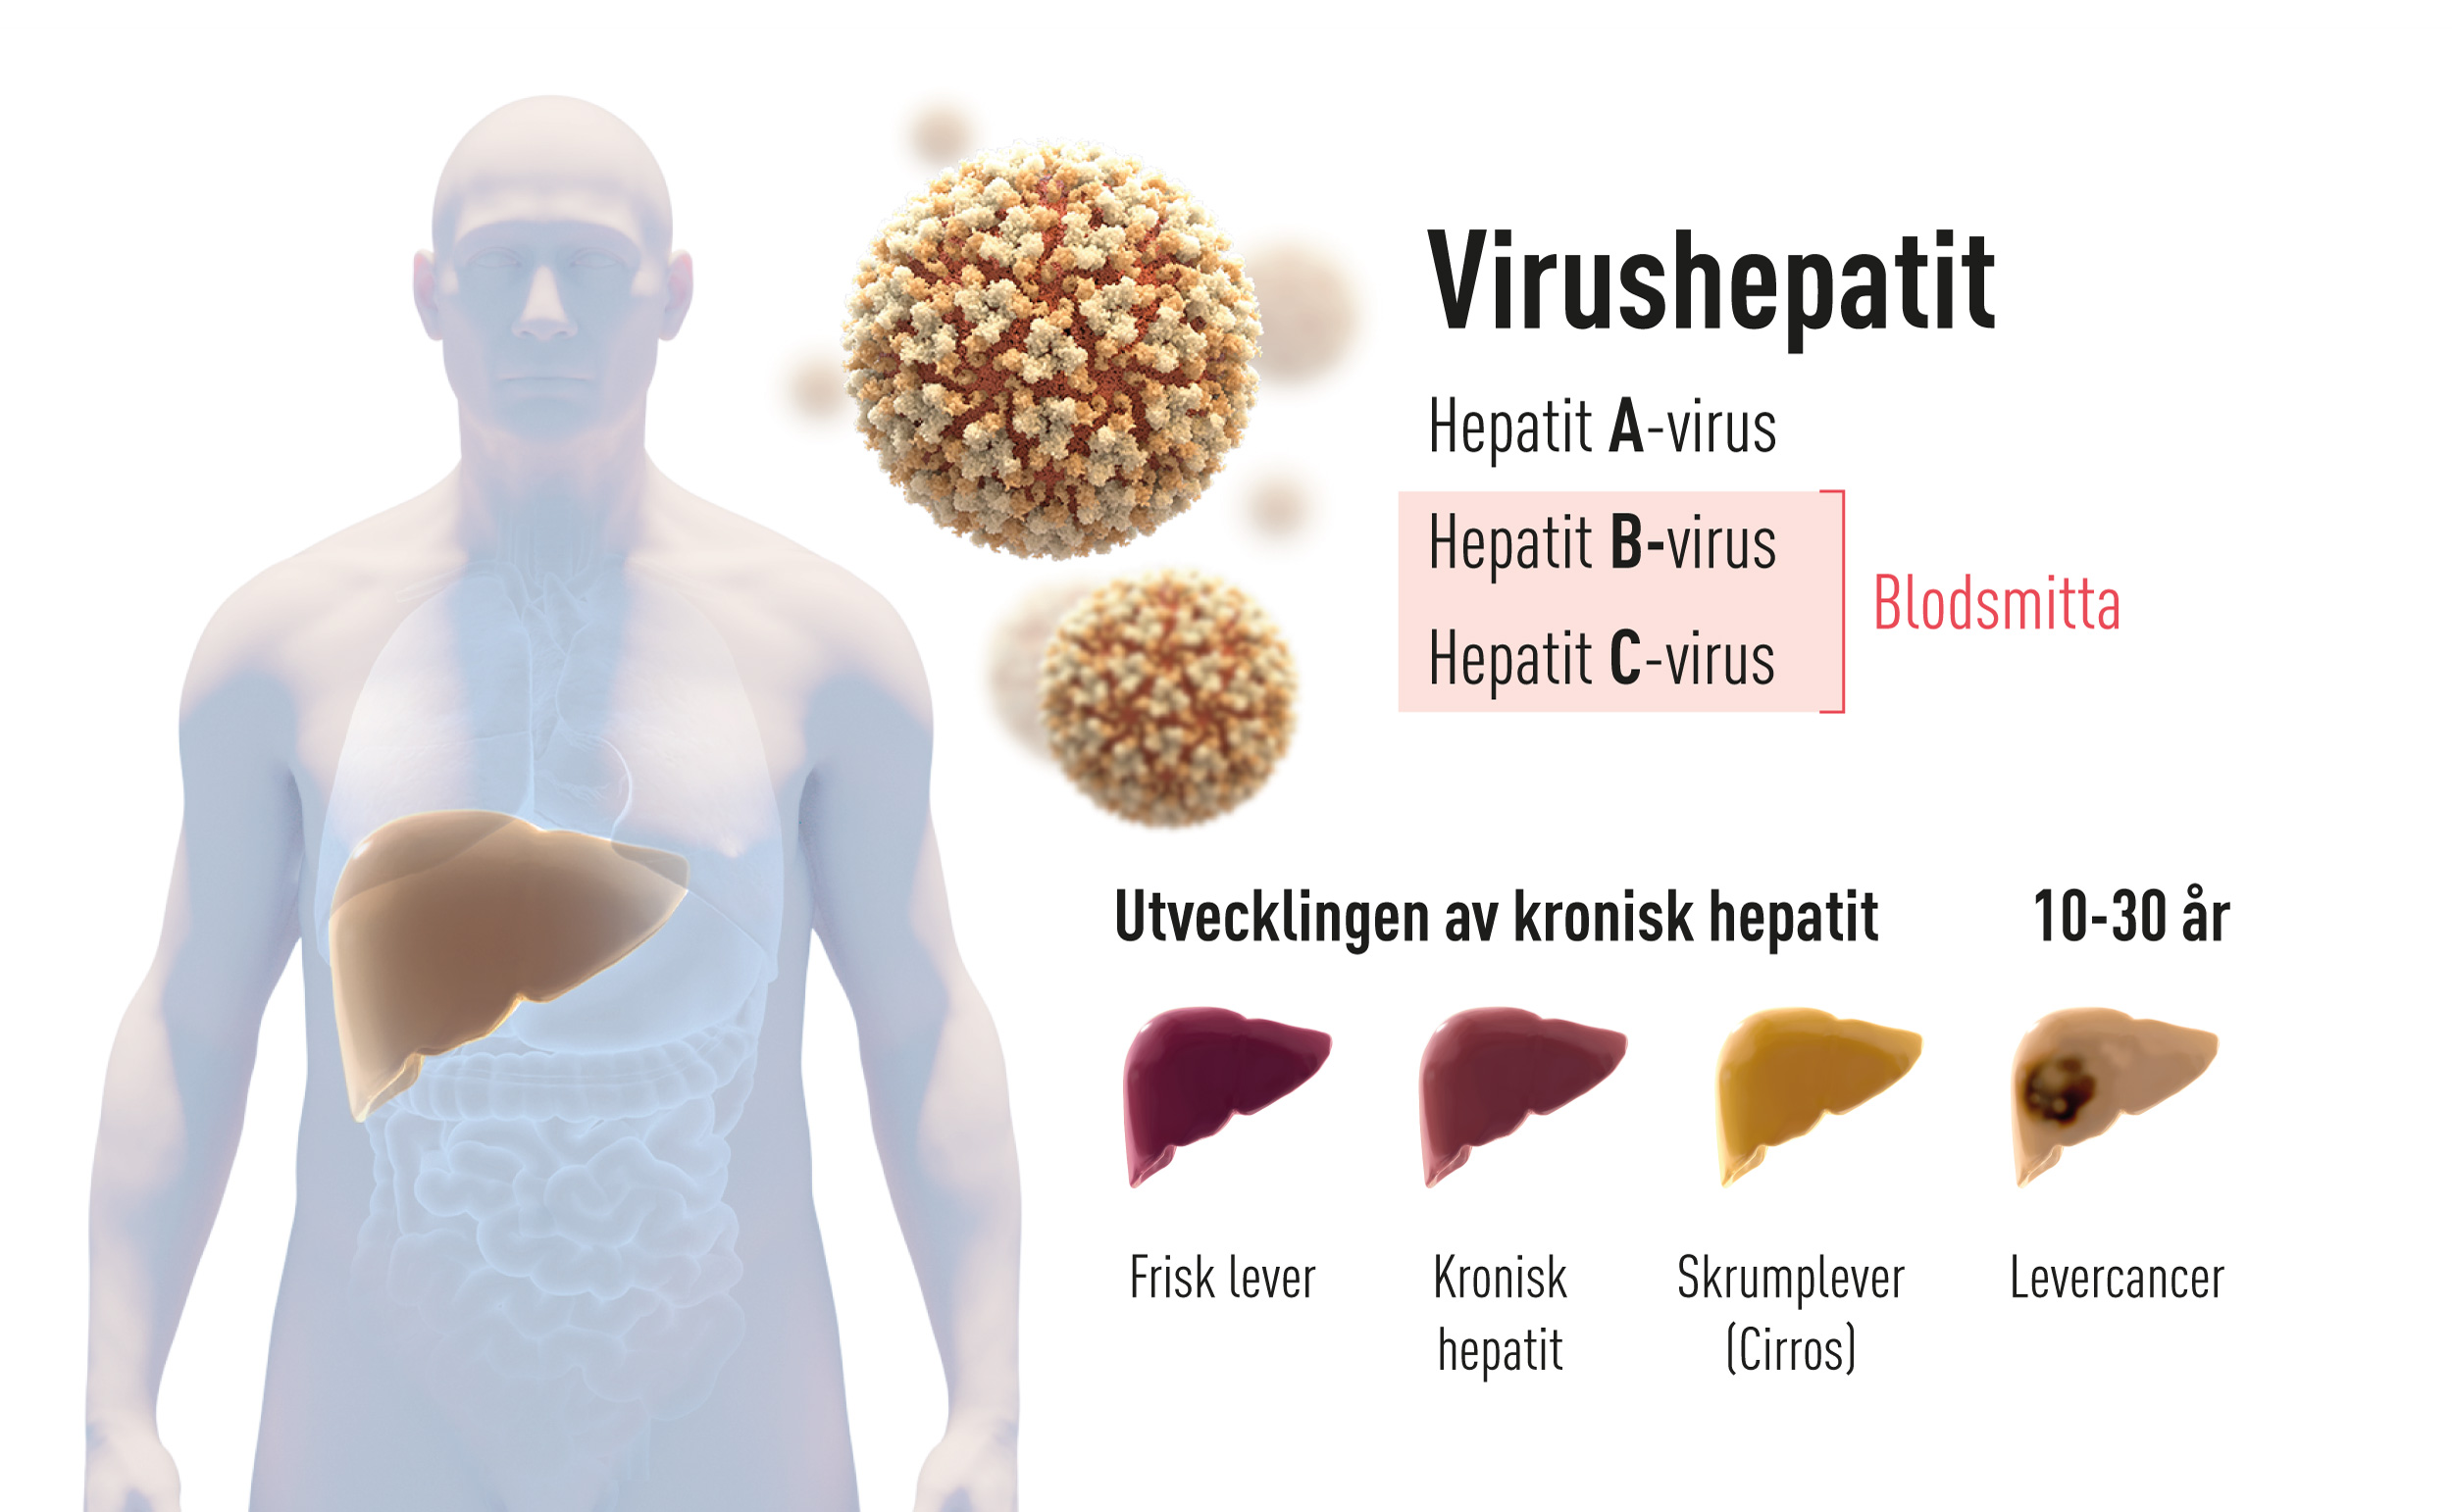 Virushepatit